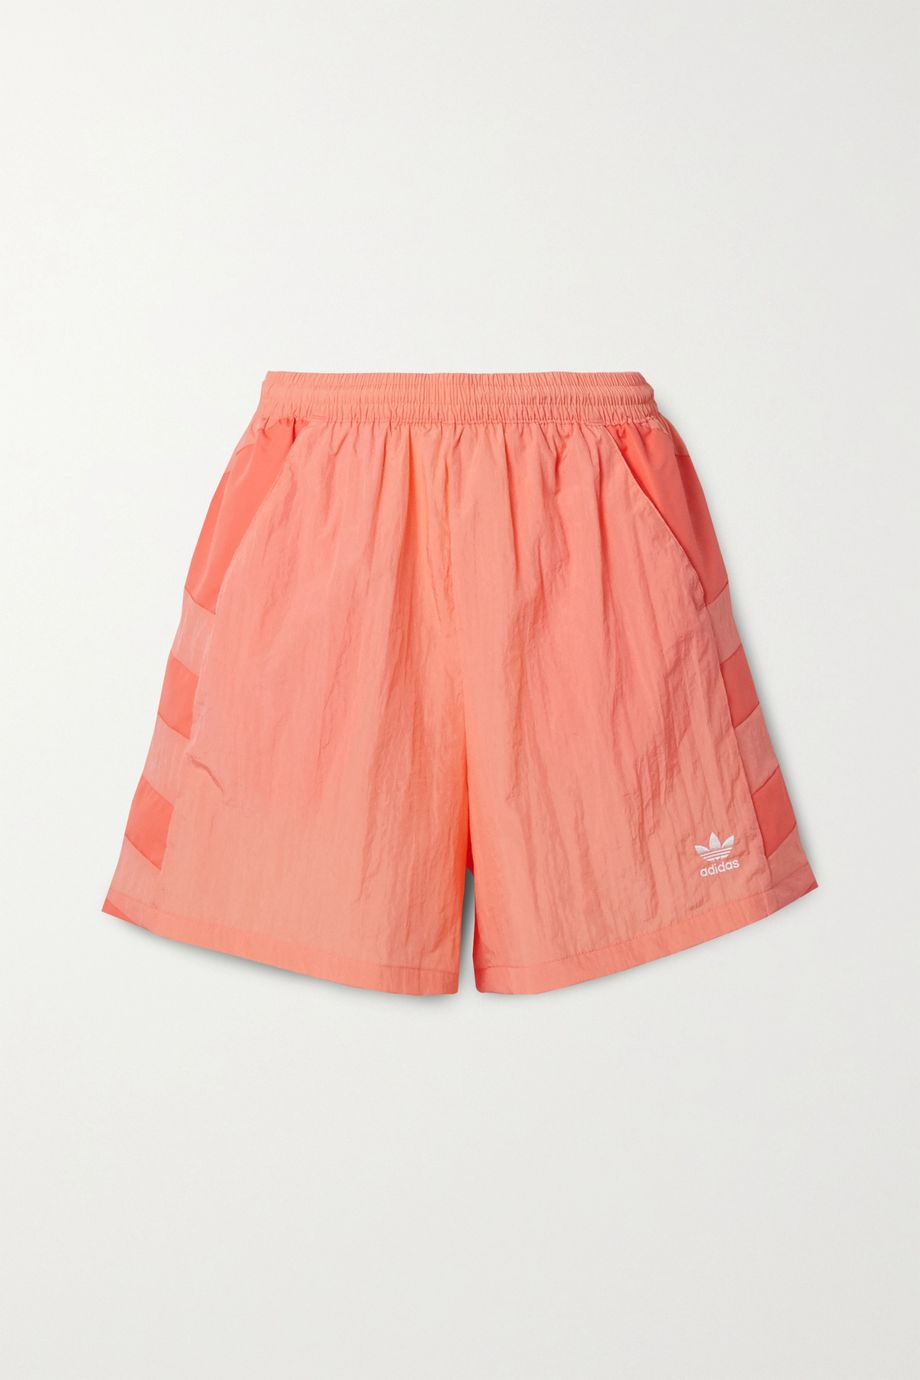 adidas Originals Paneled shell shorts